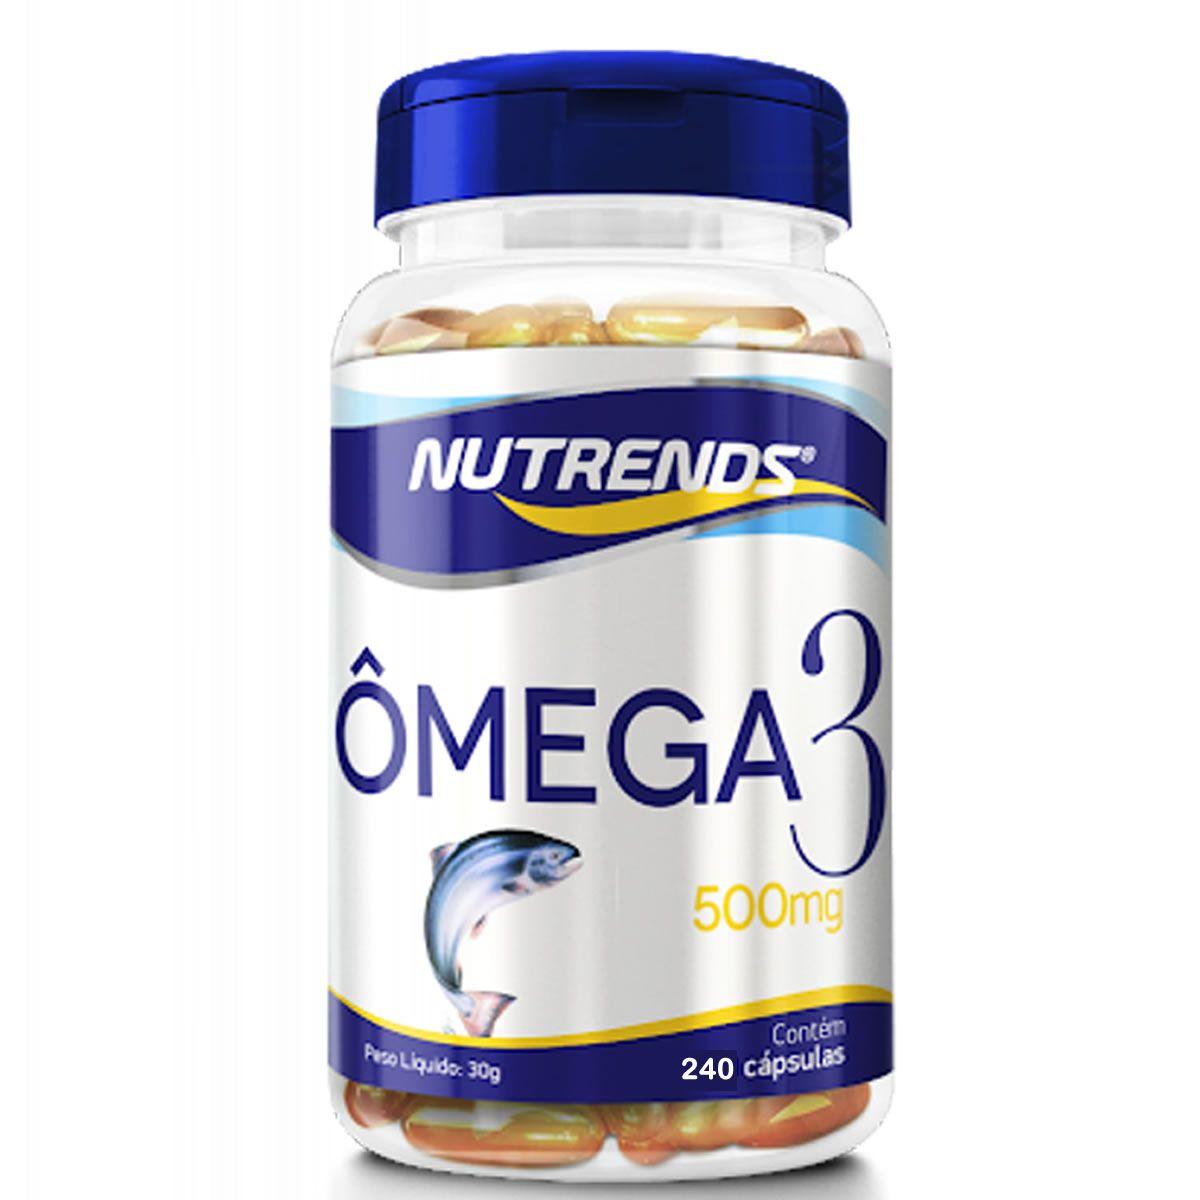 Omega 3 500mg 240 Cápsulas - Nutrends